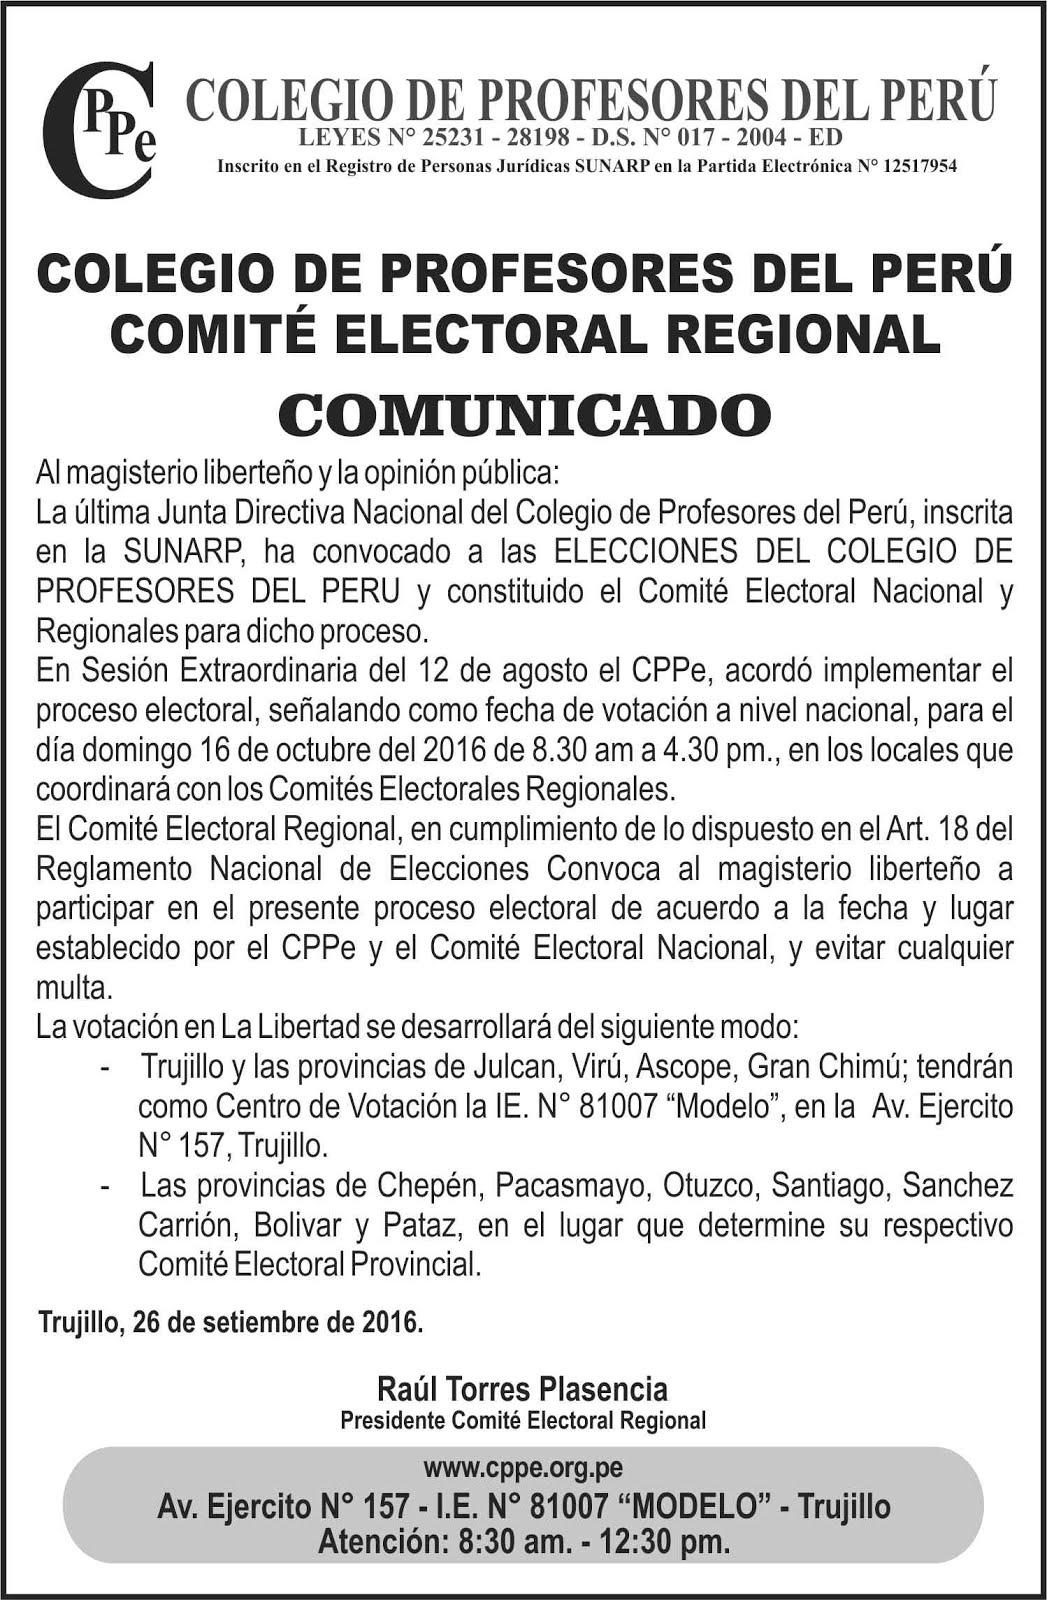 Las luchas del pueblo comit electoral regional la for Convocatoria profesores 2016